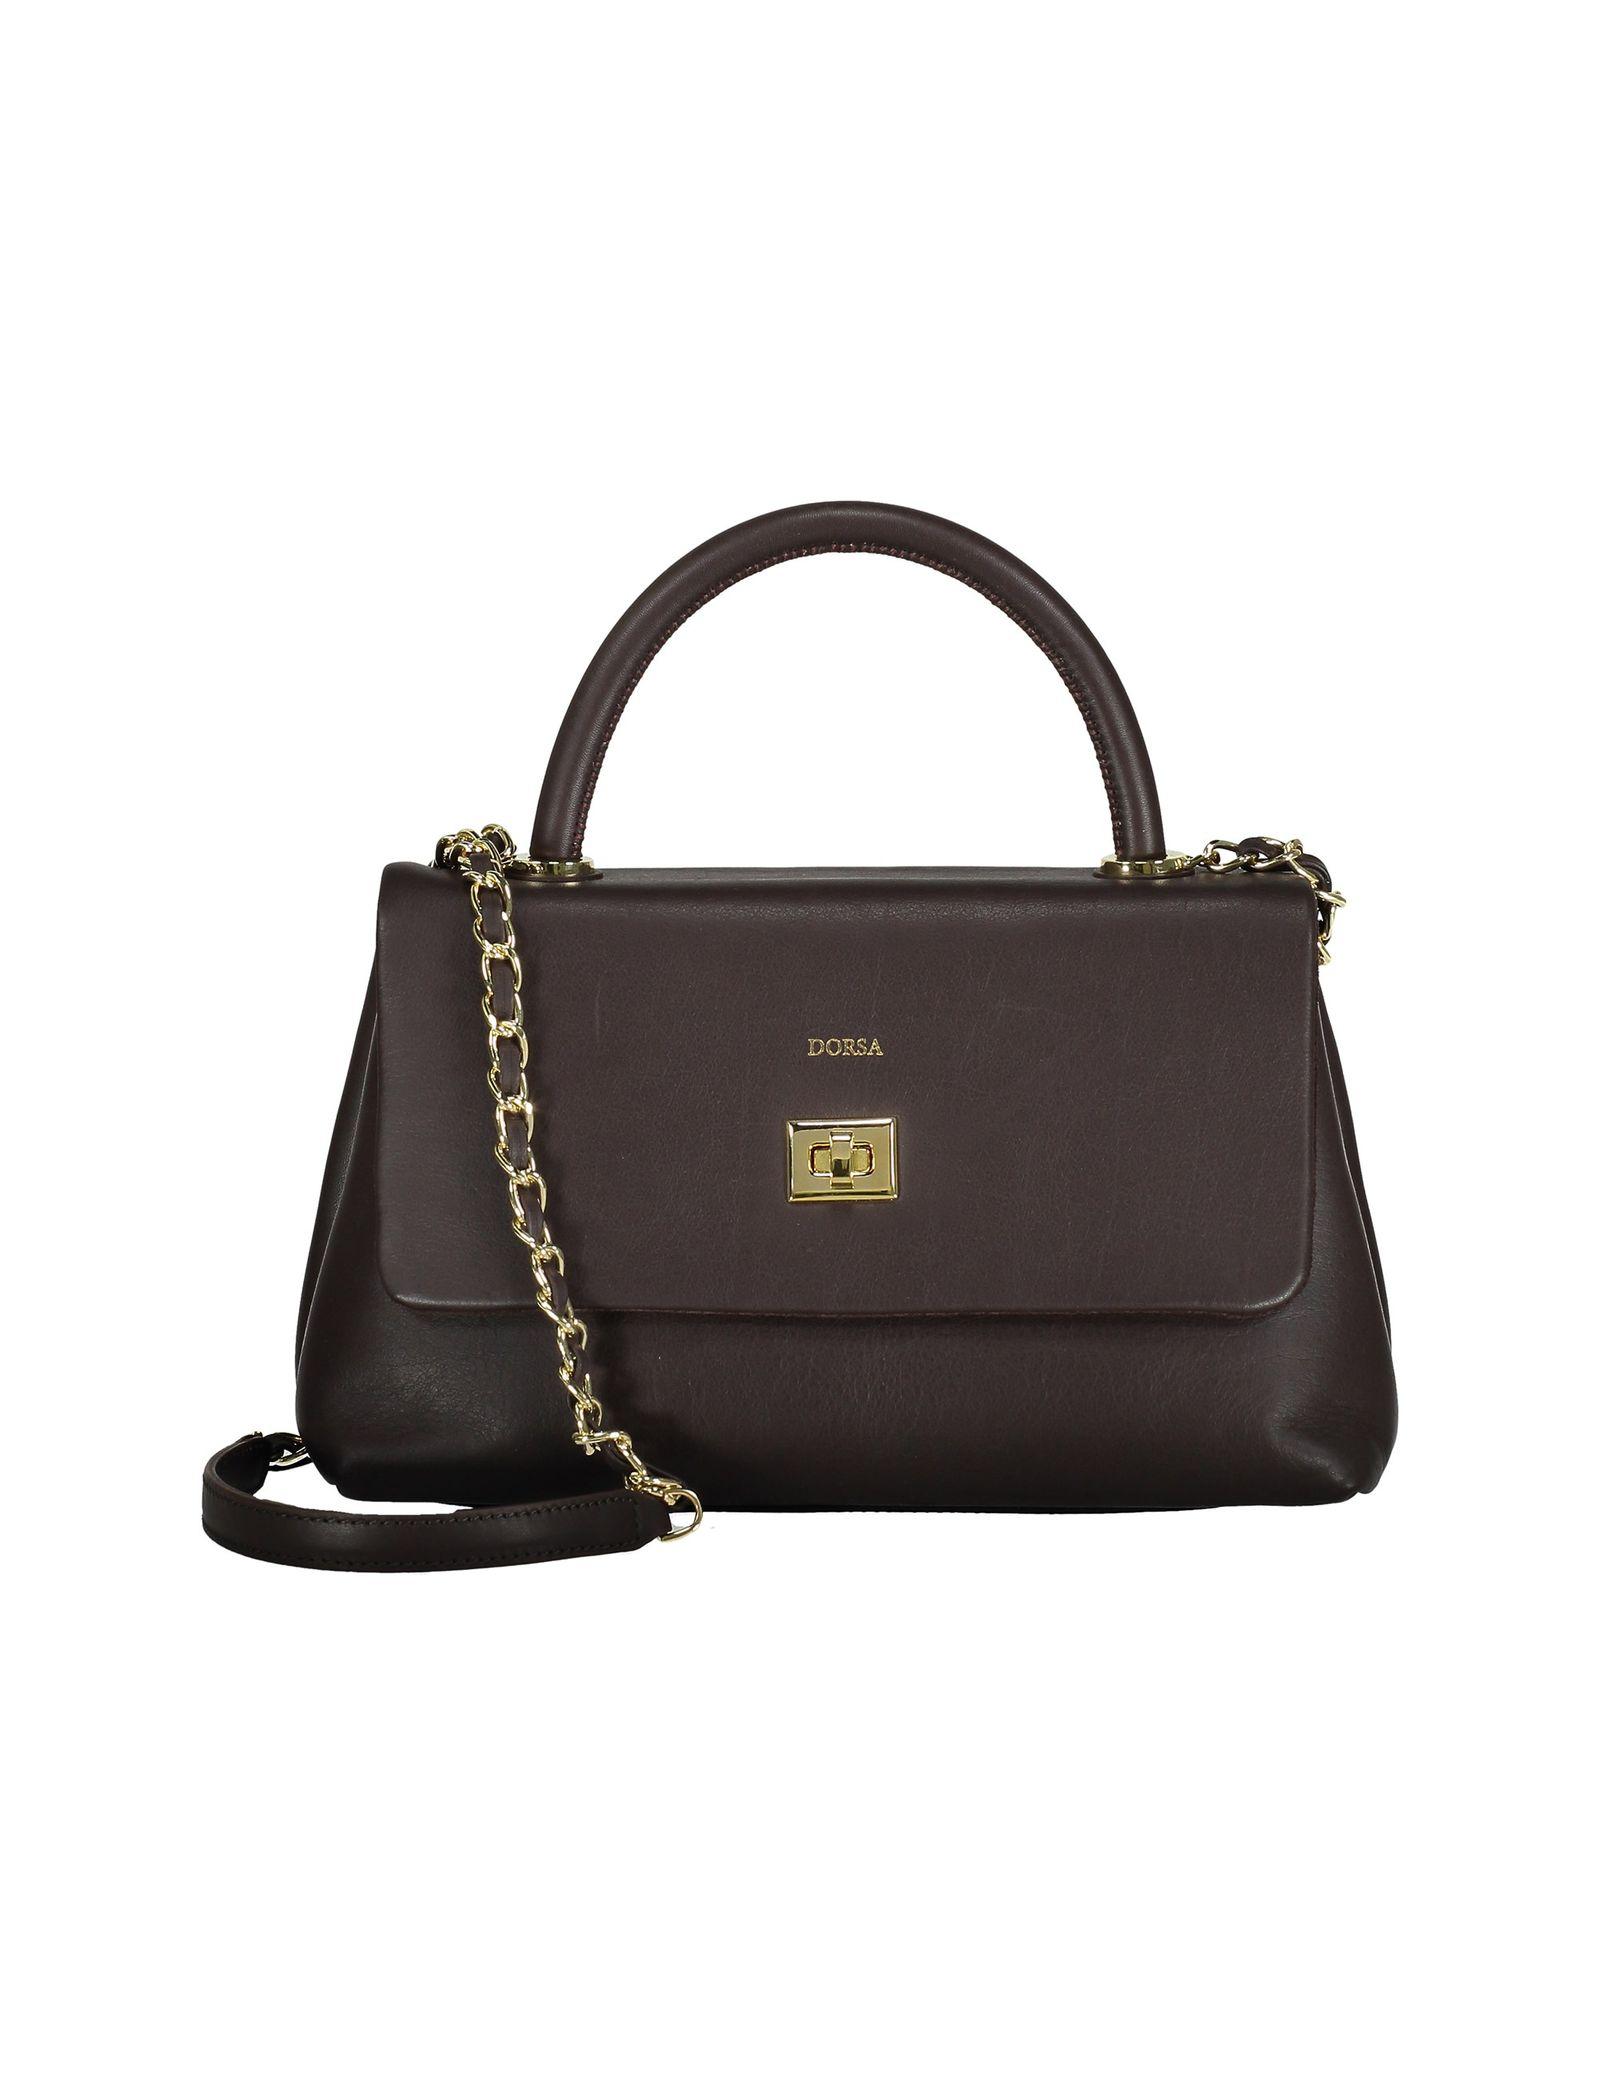 کیف دستی چرم روزمره زنانه - درسا - قهوه اي - 3